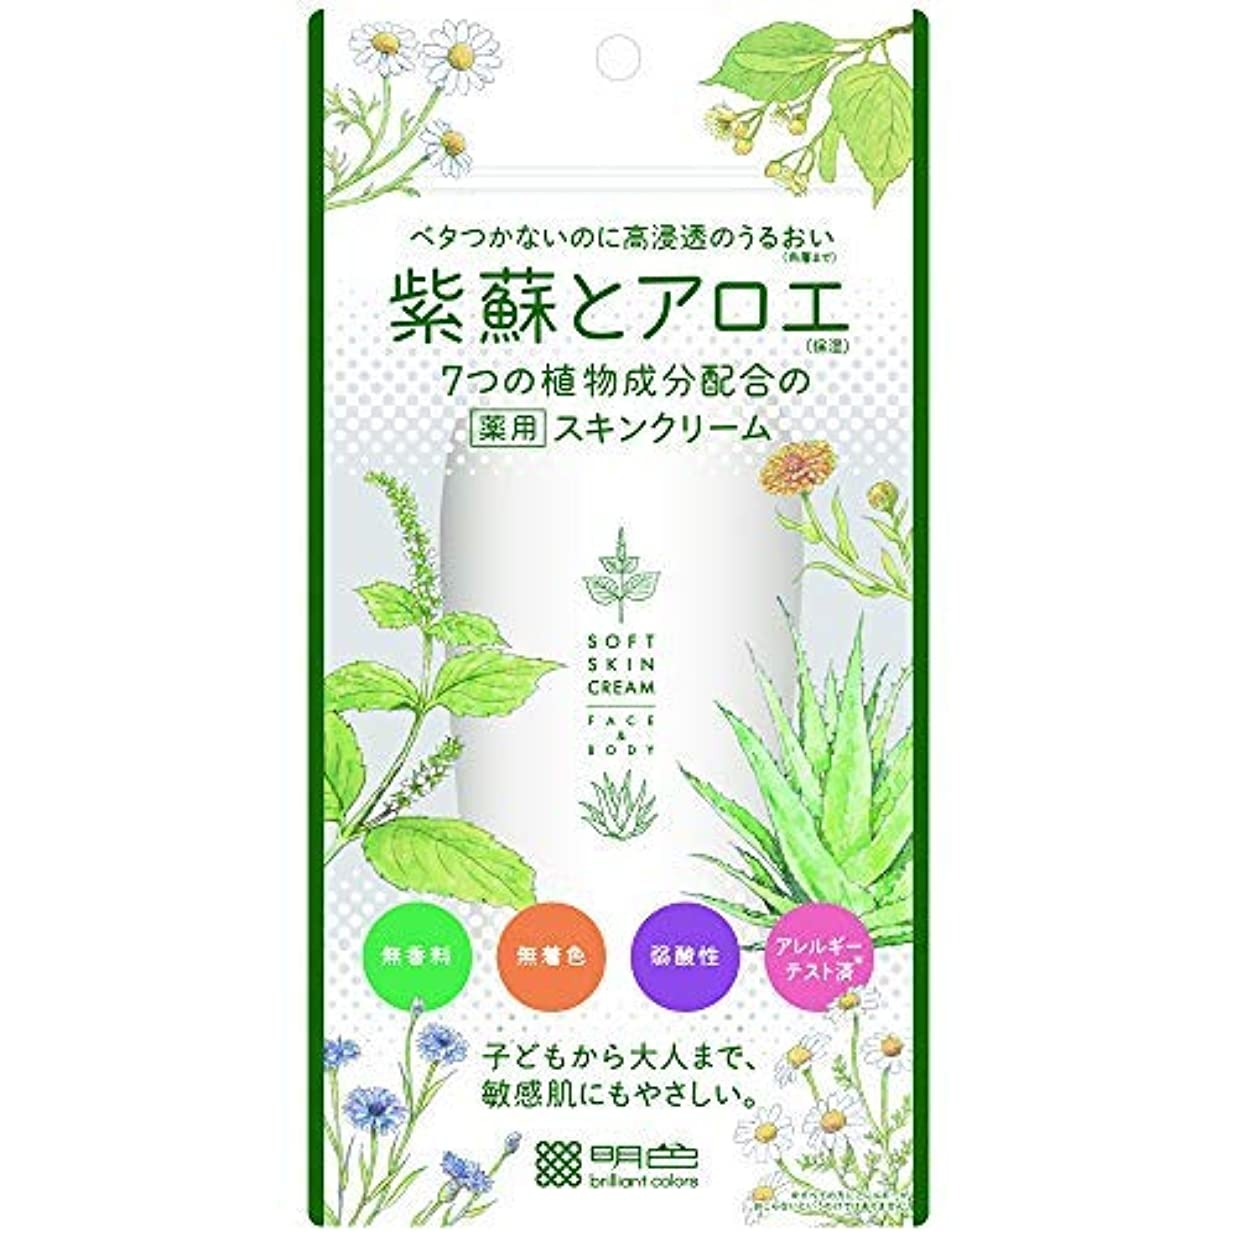 首ローラー病的紫蘇とアロエ 薬用スキンクリーム × 12個セット